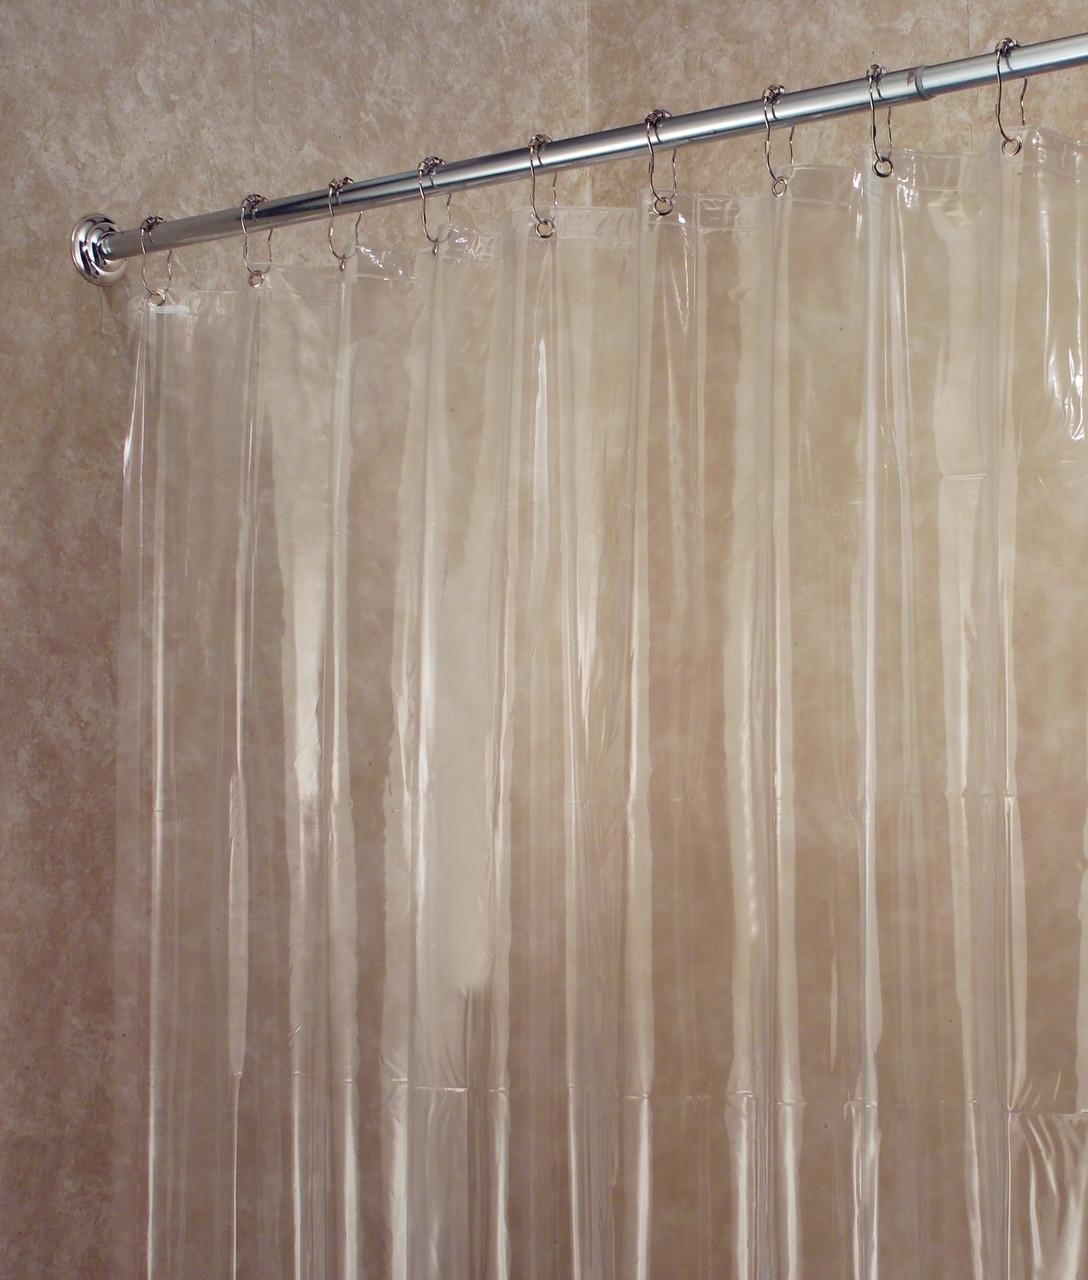 Vinyl Shower Curtain 72x72In